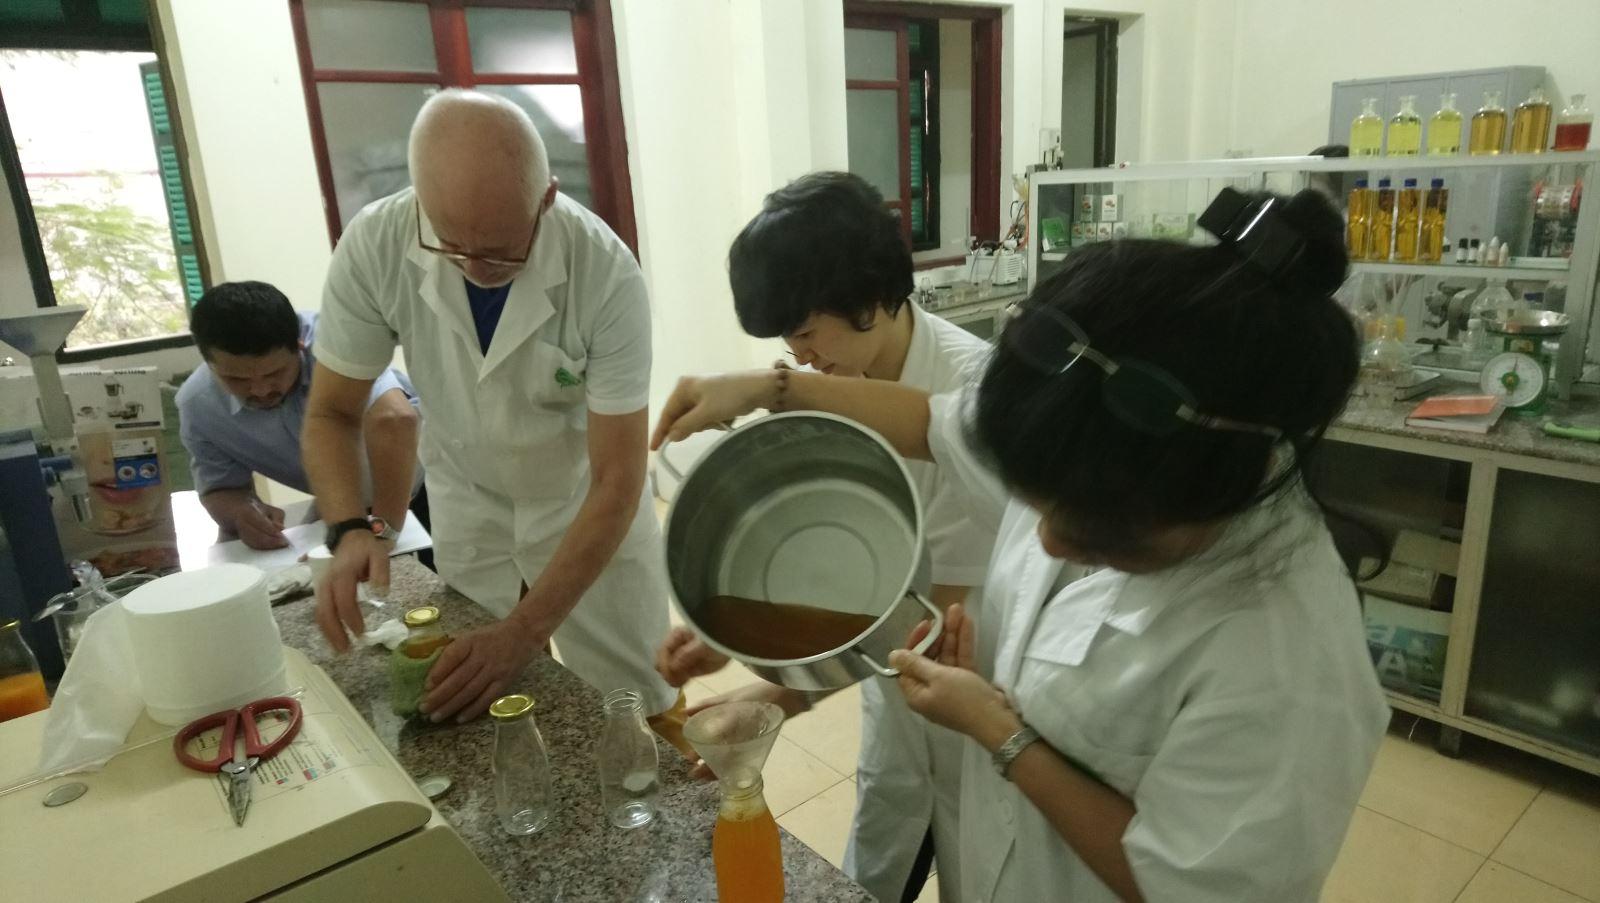 Chuyên gia Hà Lan Ton Overeem chuyển giao công nghệ sản xuất siro cam (Ảnh: Khuất Thị Thủy, Vũ Đức Chiến)